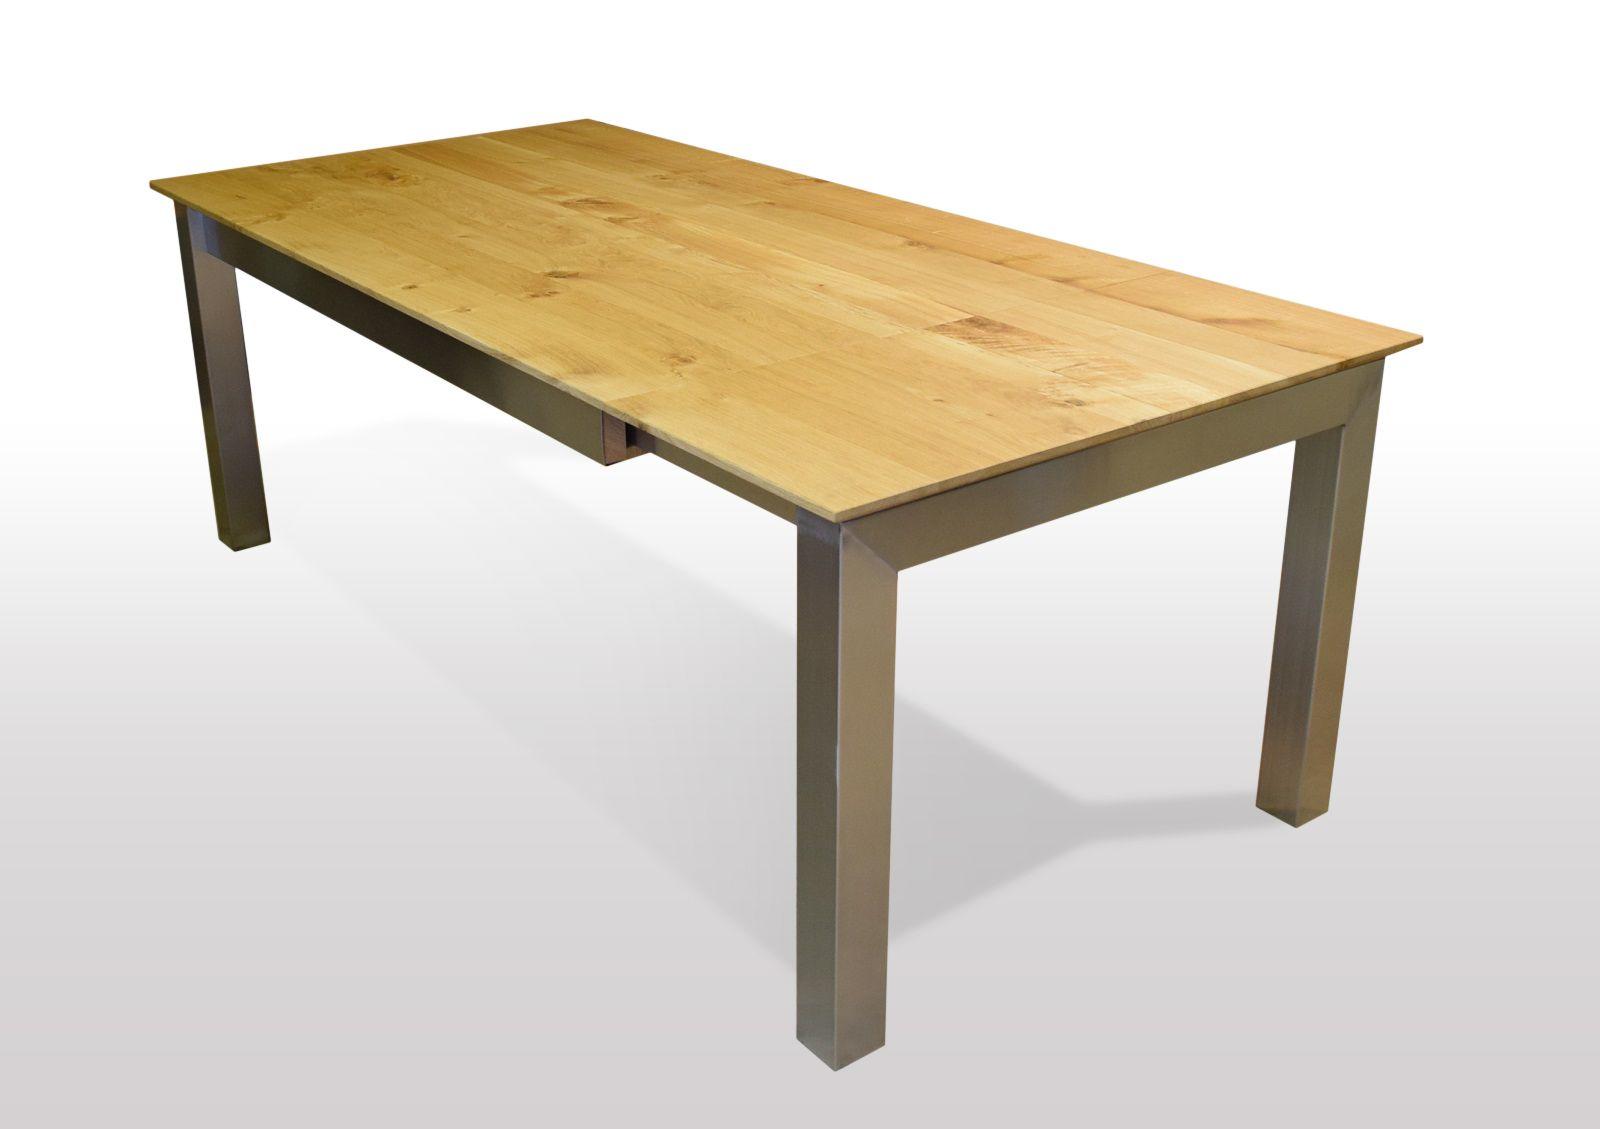 Tisch Wildeiche massiv Breite 120cm / Länge wählbar (mit